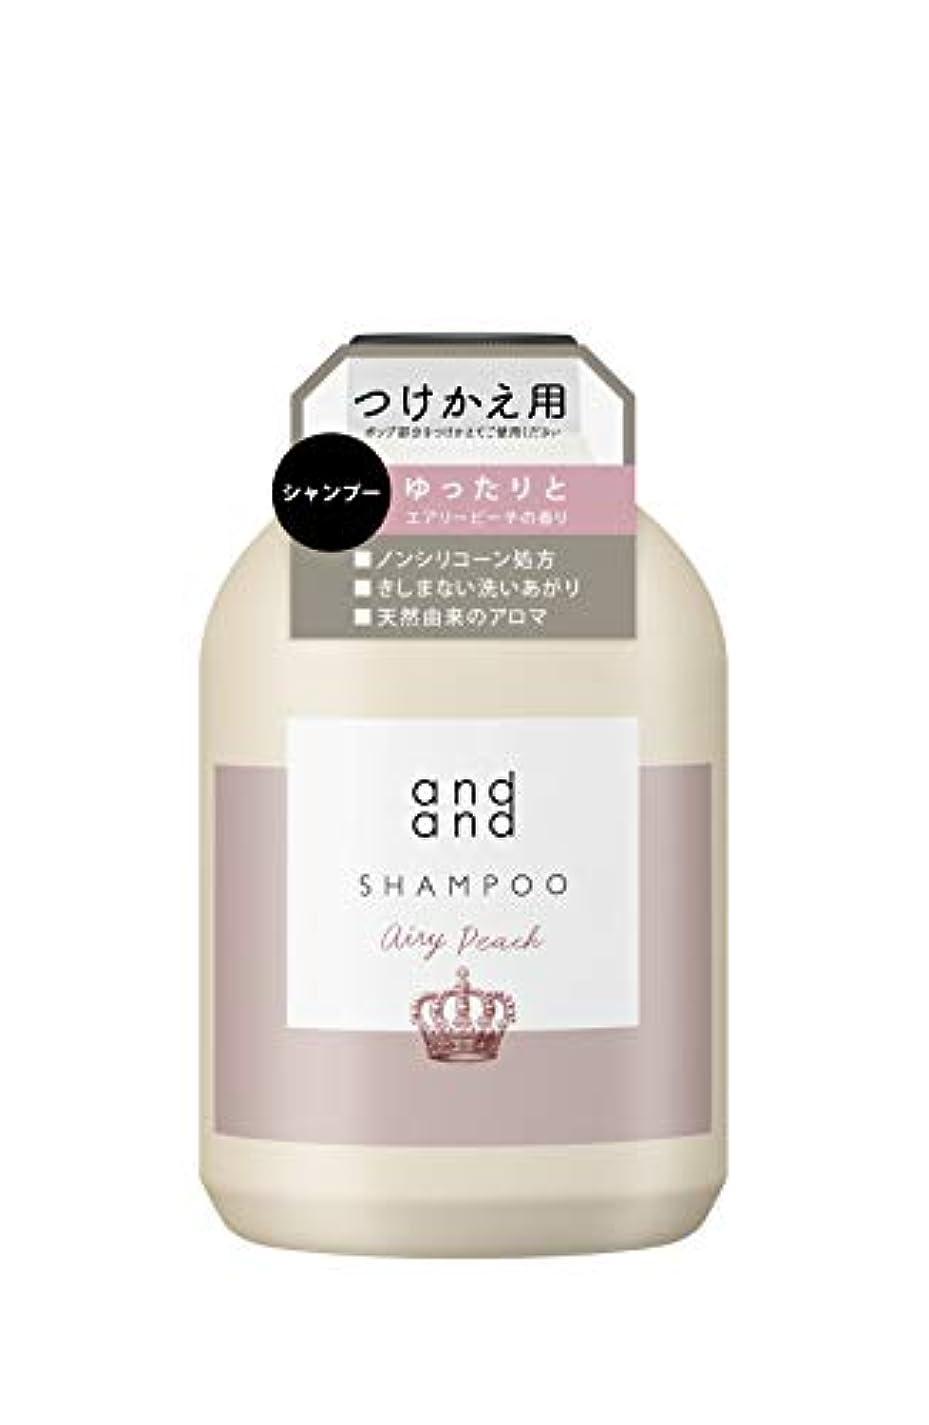 花束ブーム見込みandand(アンドアンド) ゆったりと[ノンシリコーン処方] シャンプー エアリーピーチの香り つけかえ用 480ml